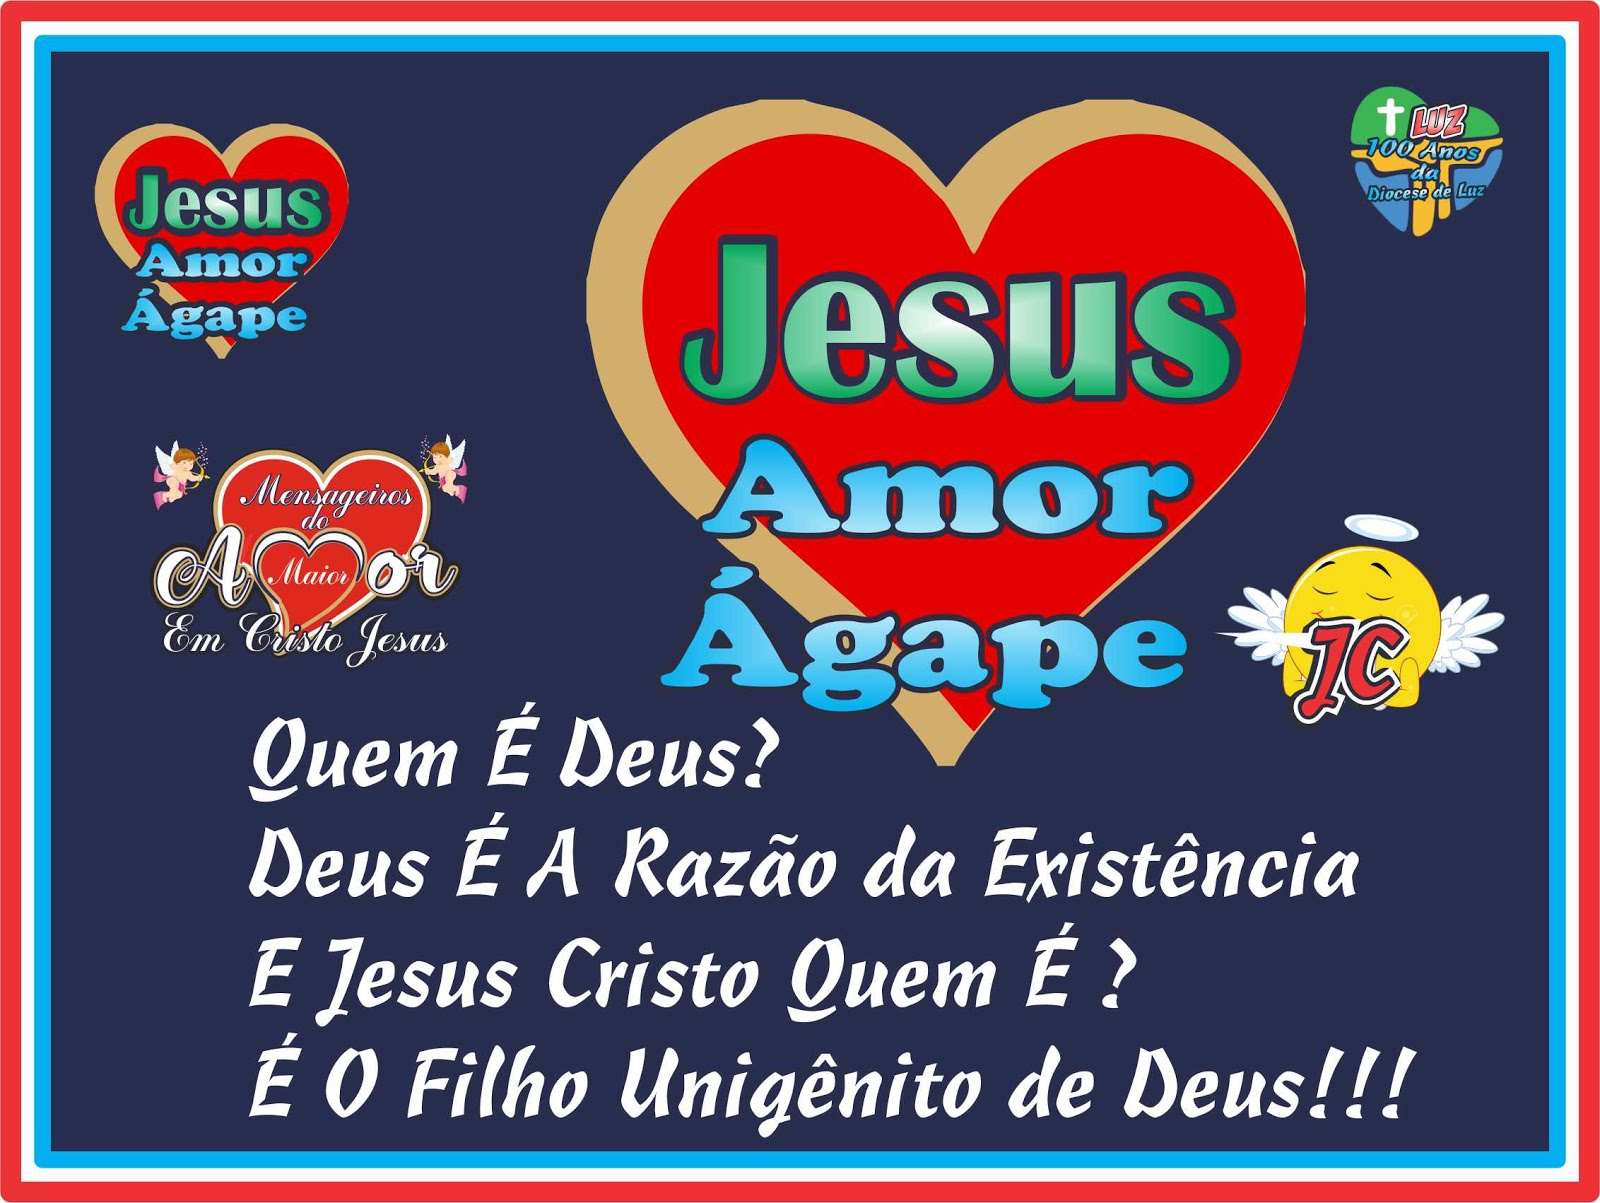 O Poder da Fé em Cristo Jesus